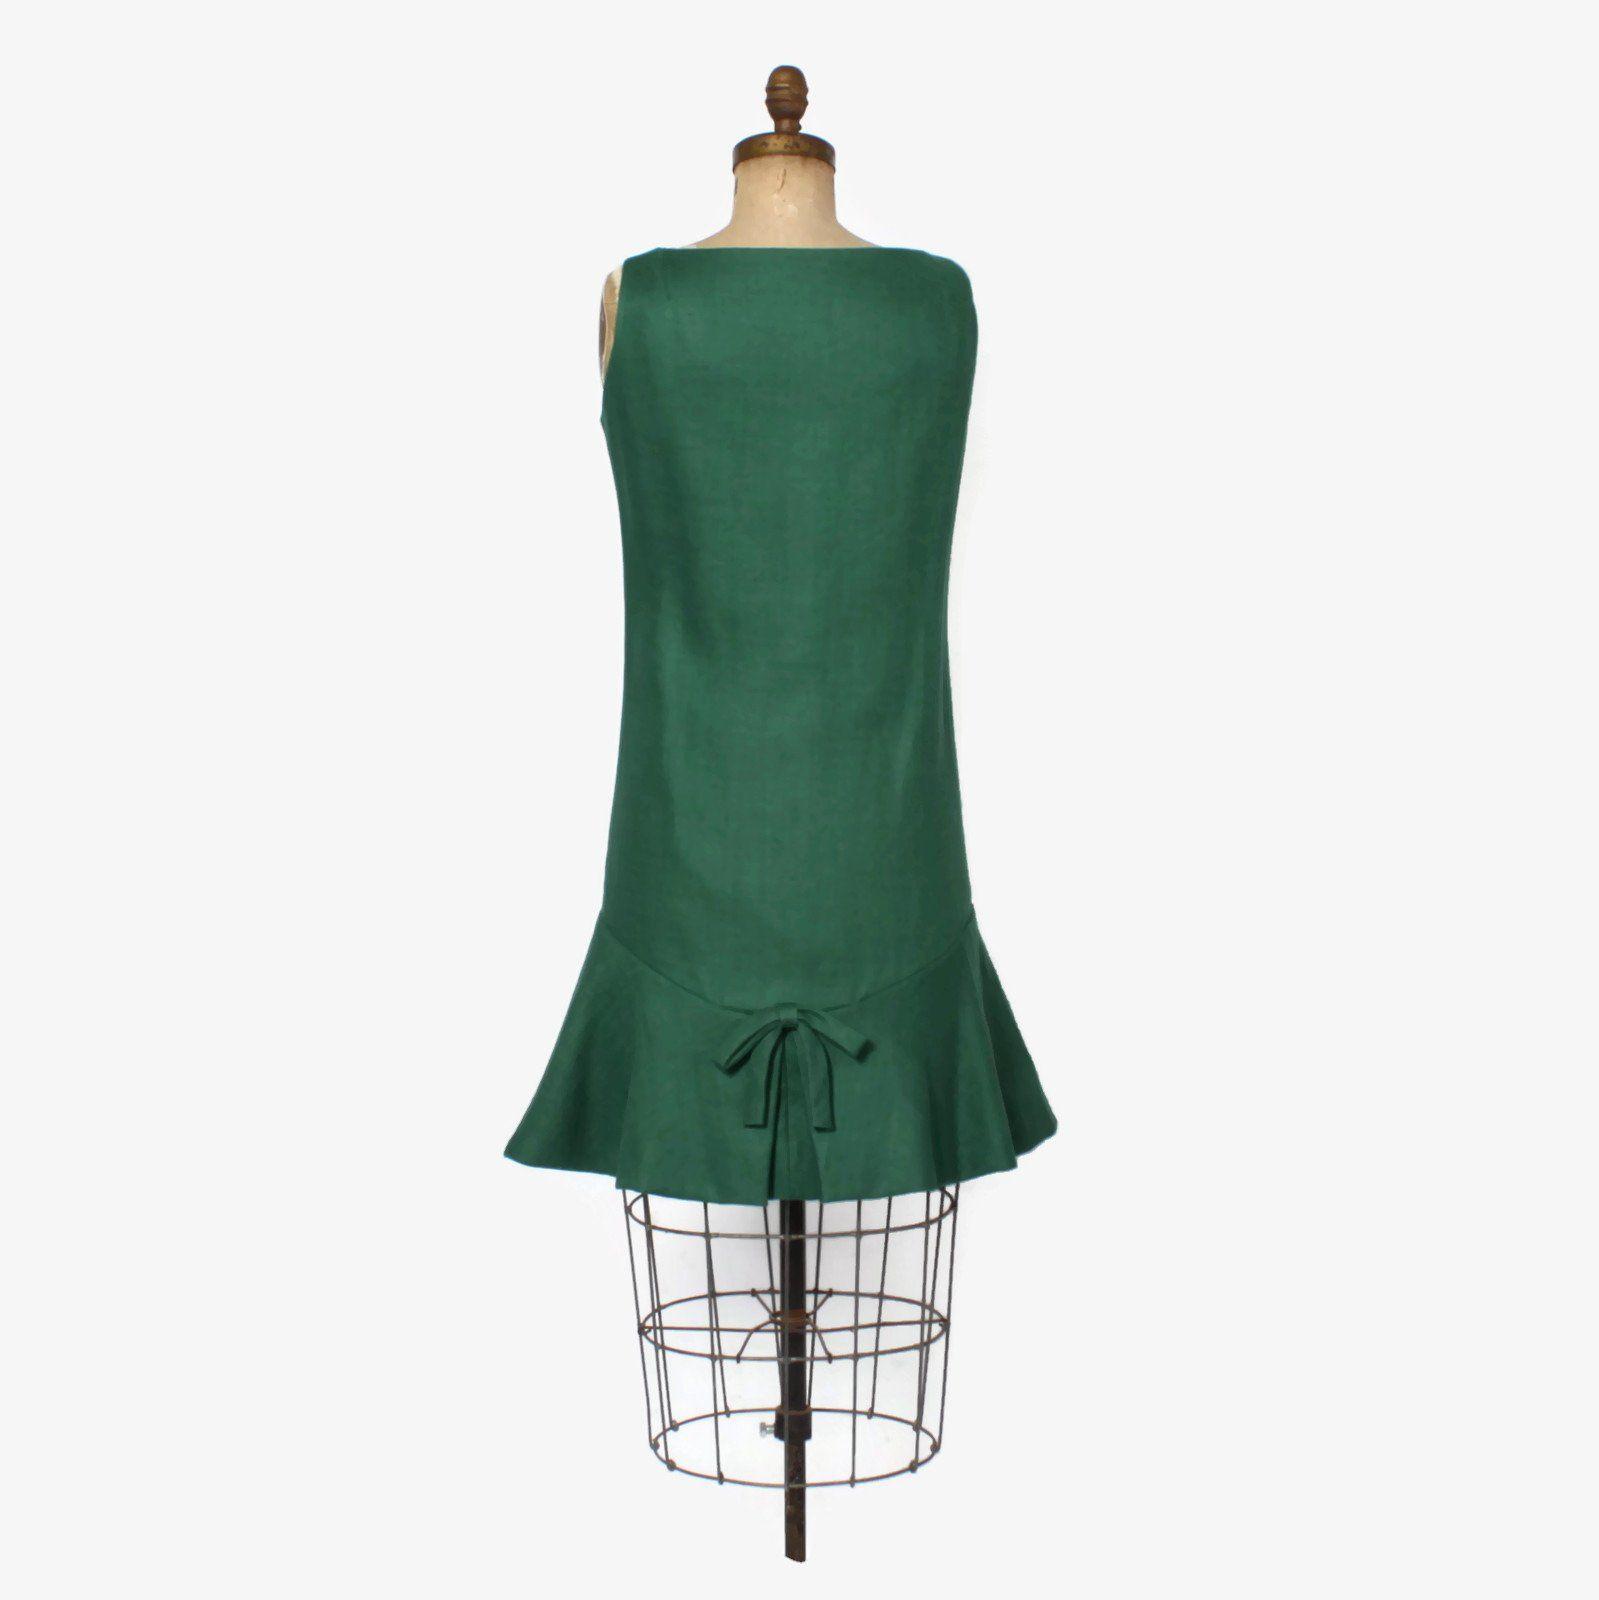 60s green dress  Vintage s GEOFFREY BEENE Dress  s Mod Green Linen Drop Waist